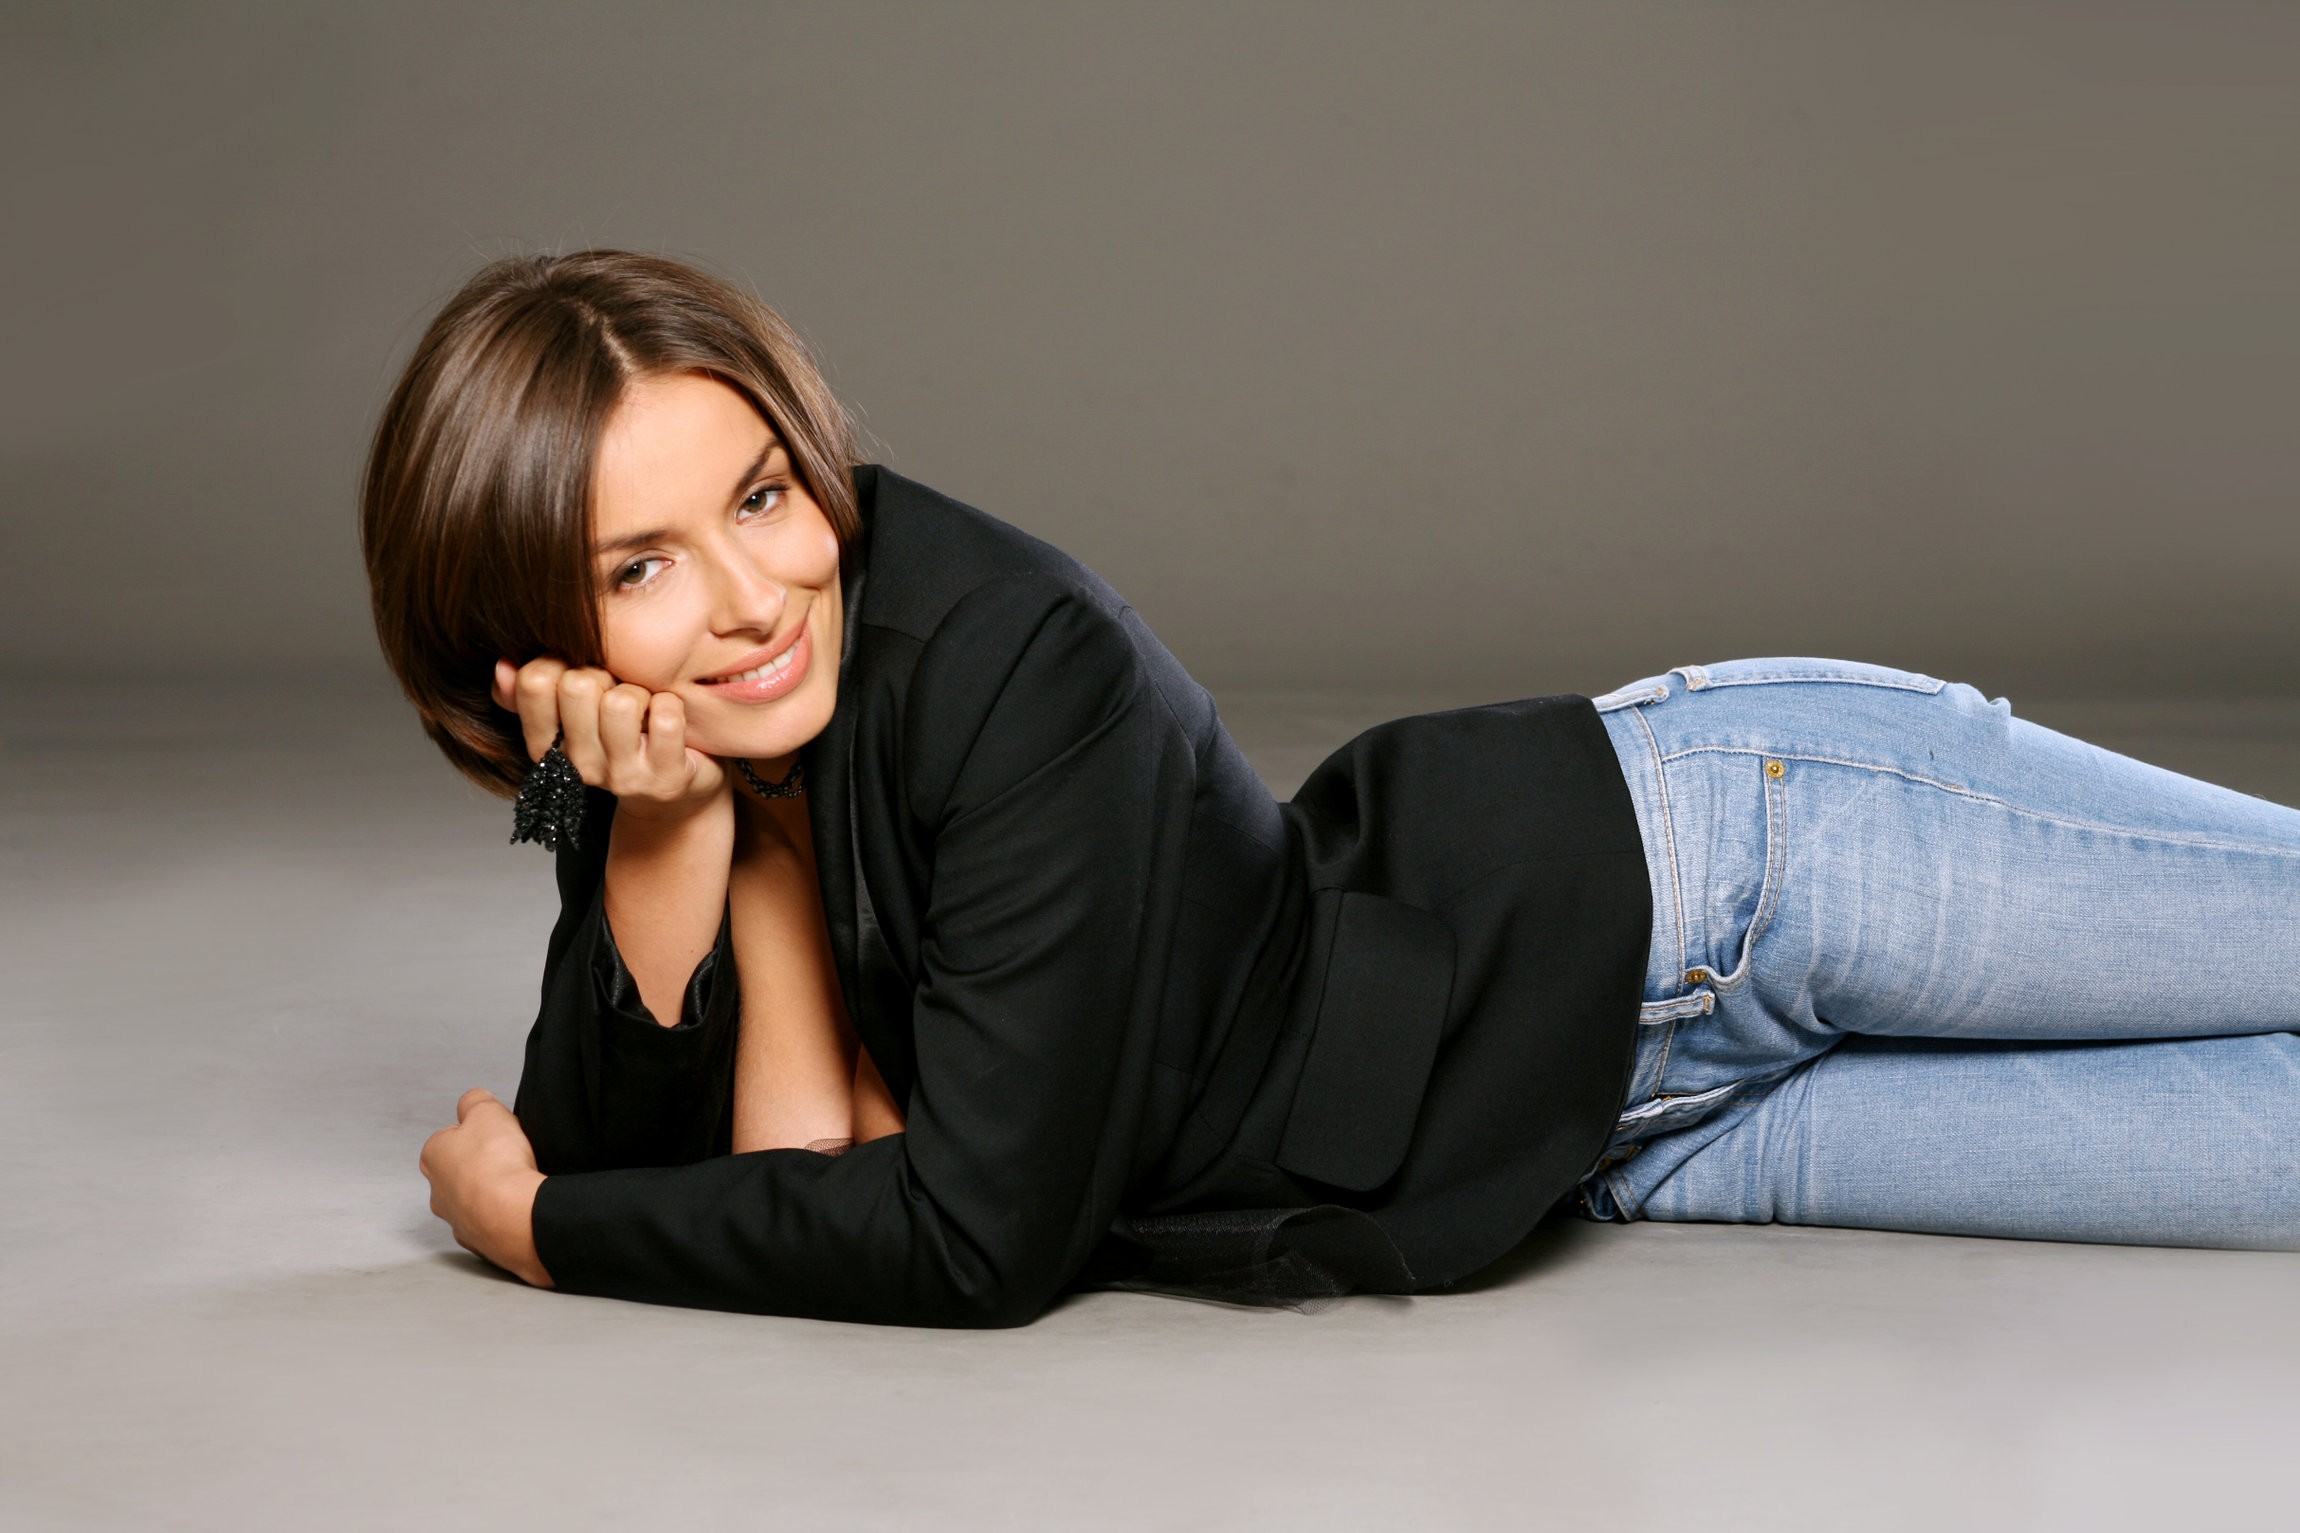 nadezhda granovskaya photo 364083 celebsplacecom